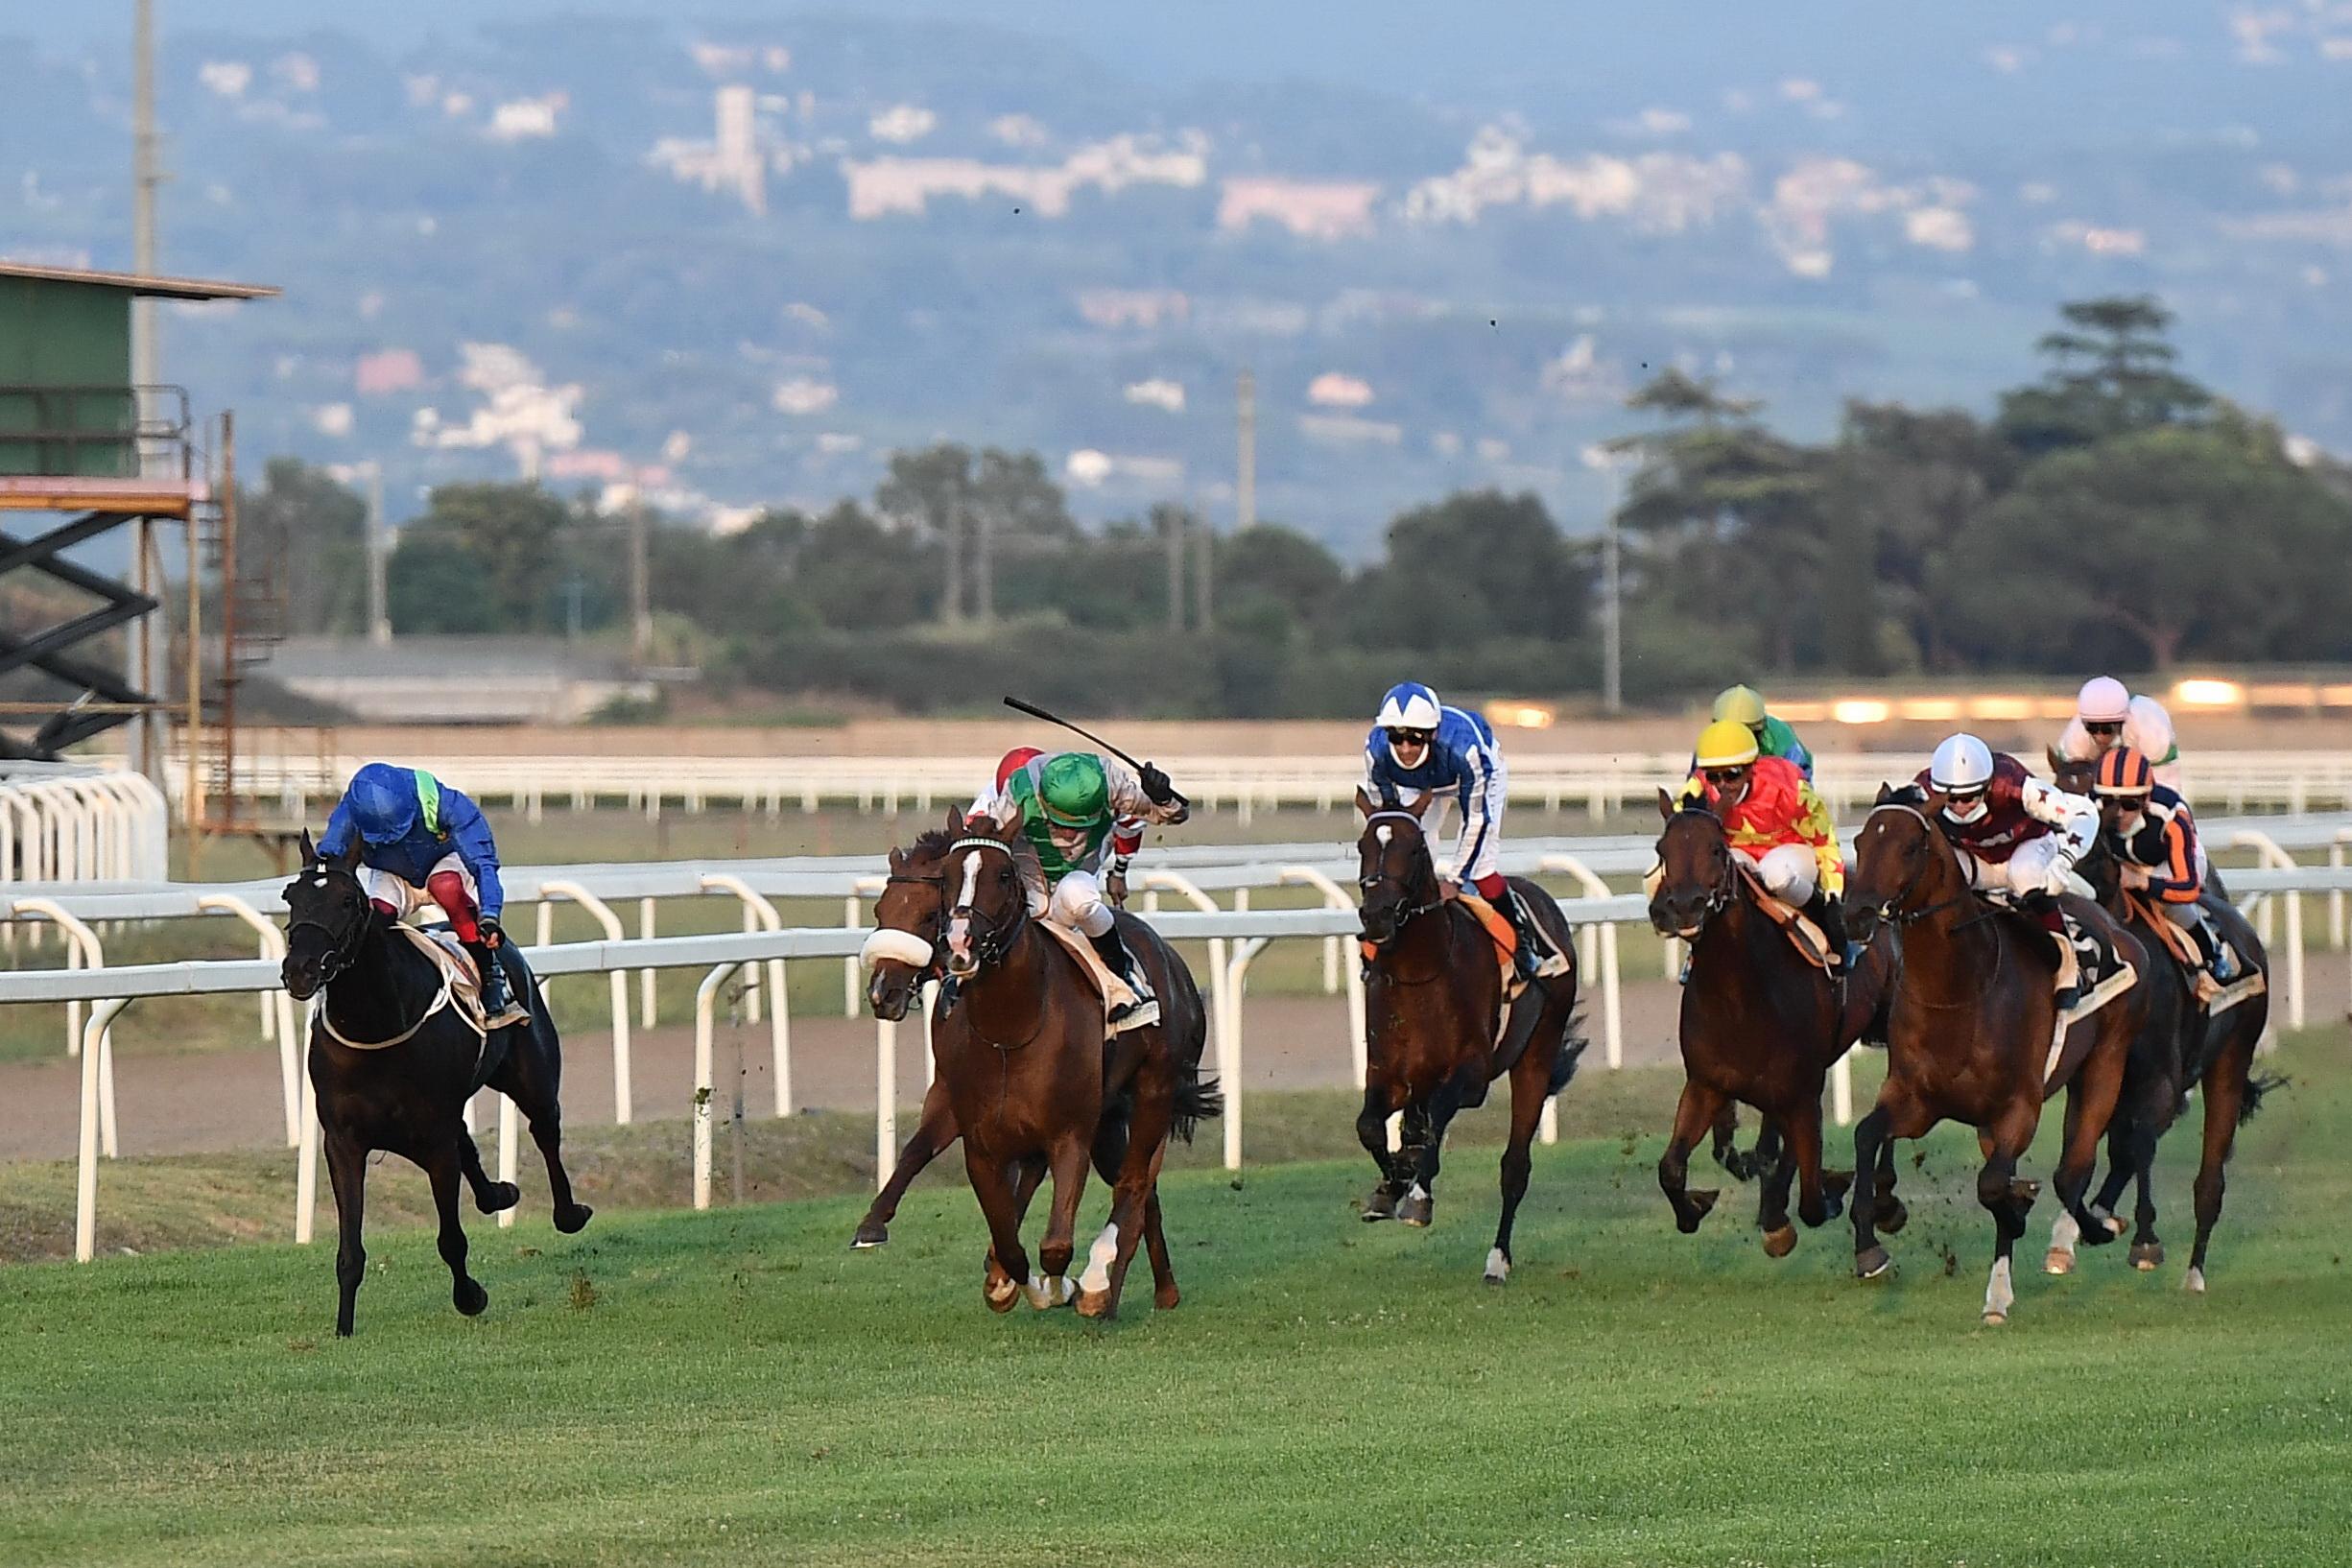 Corse regolari: oggi a Firenze due corse per cavalli anglo-arabi